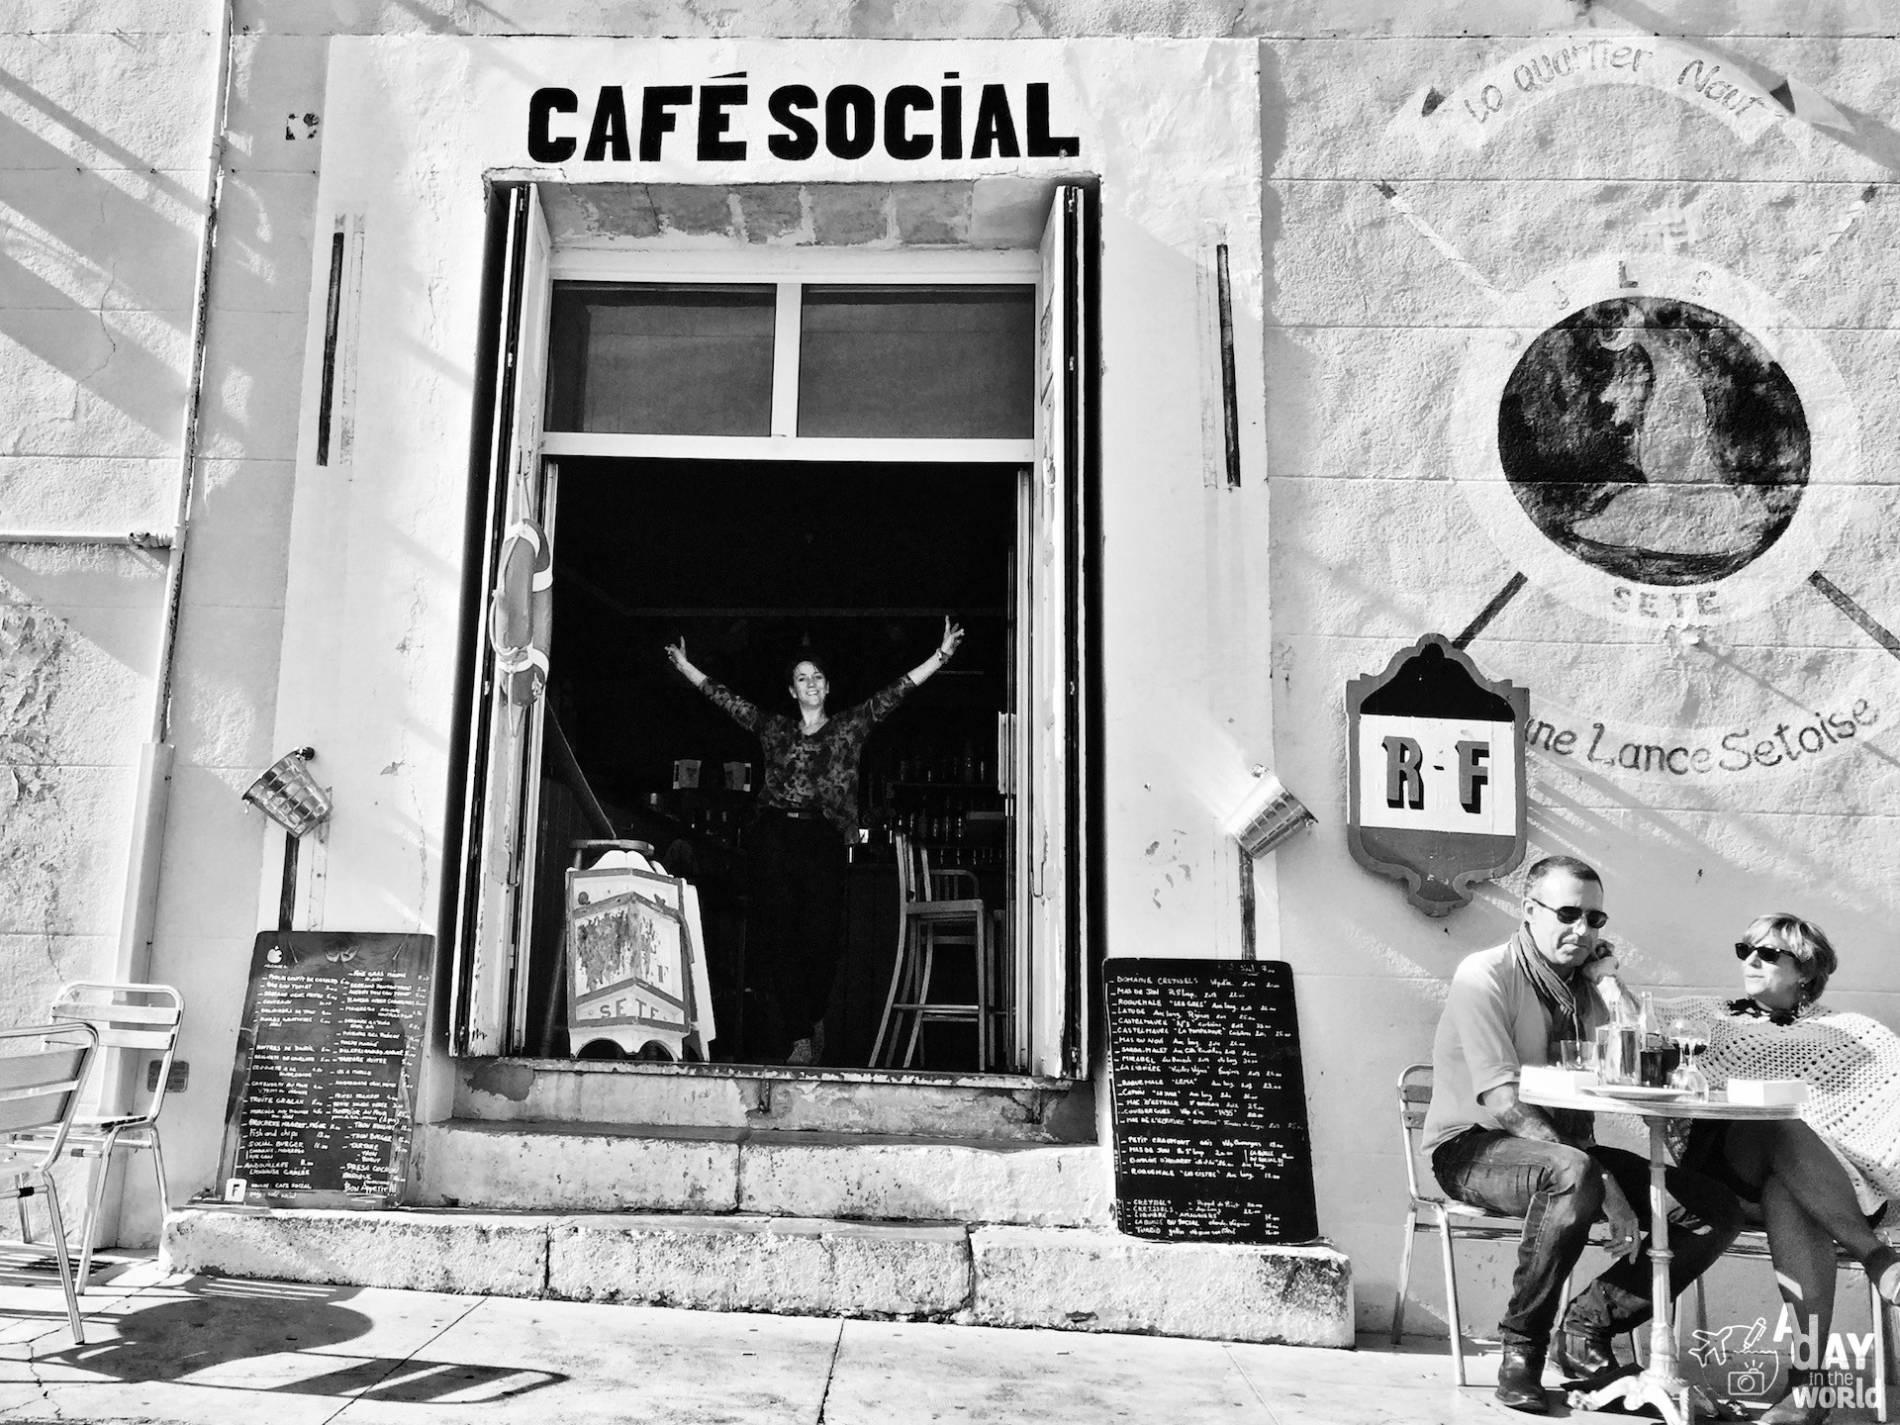 cafe social sete